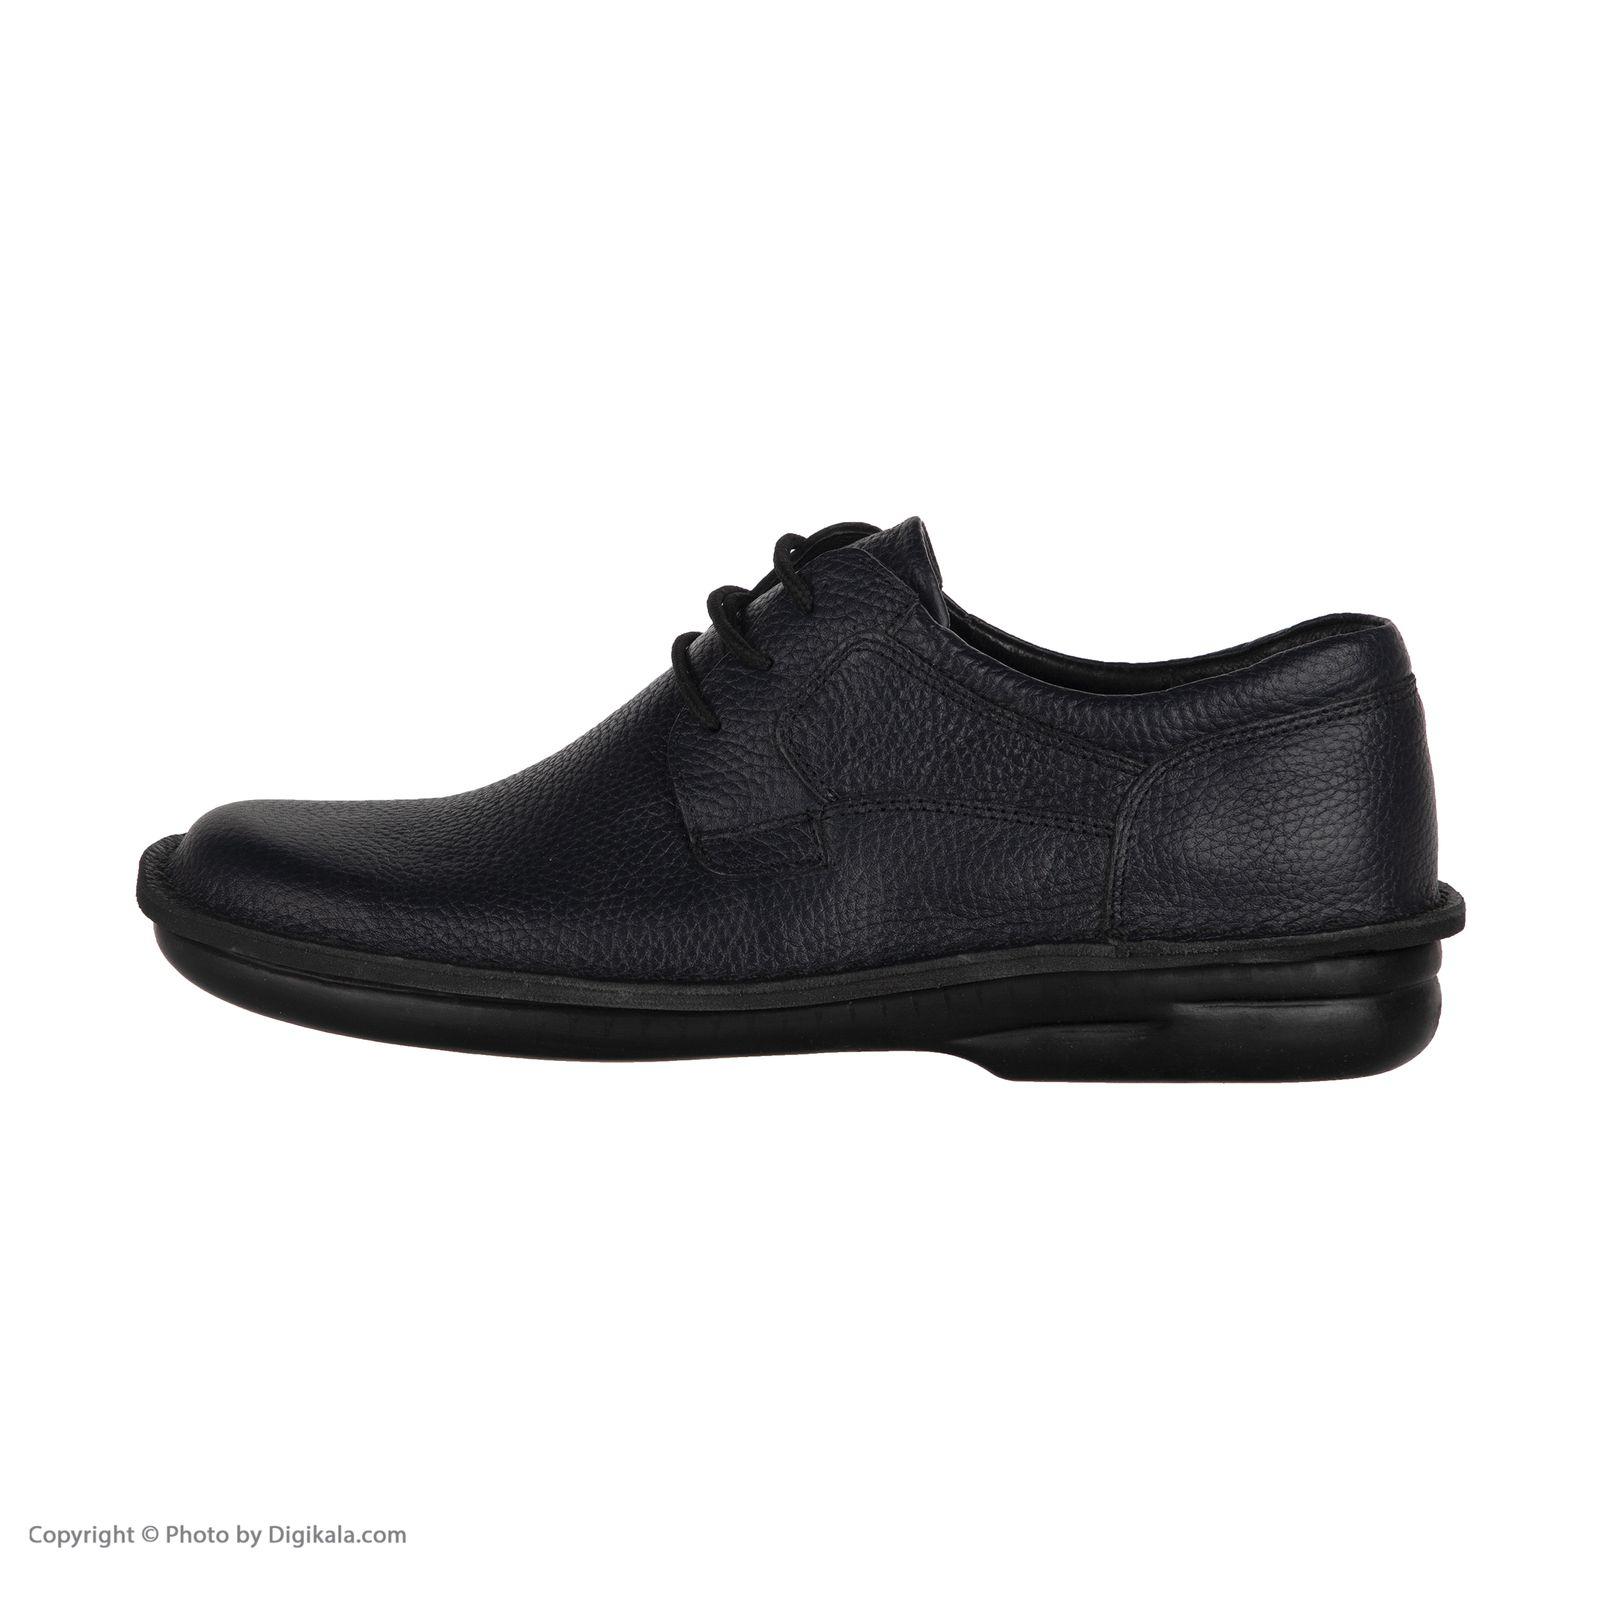 کفش روزمره مردانه سوته مدل 4789A501103 -  - 3